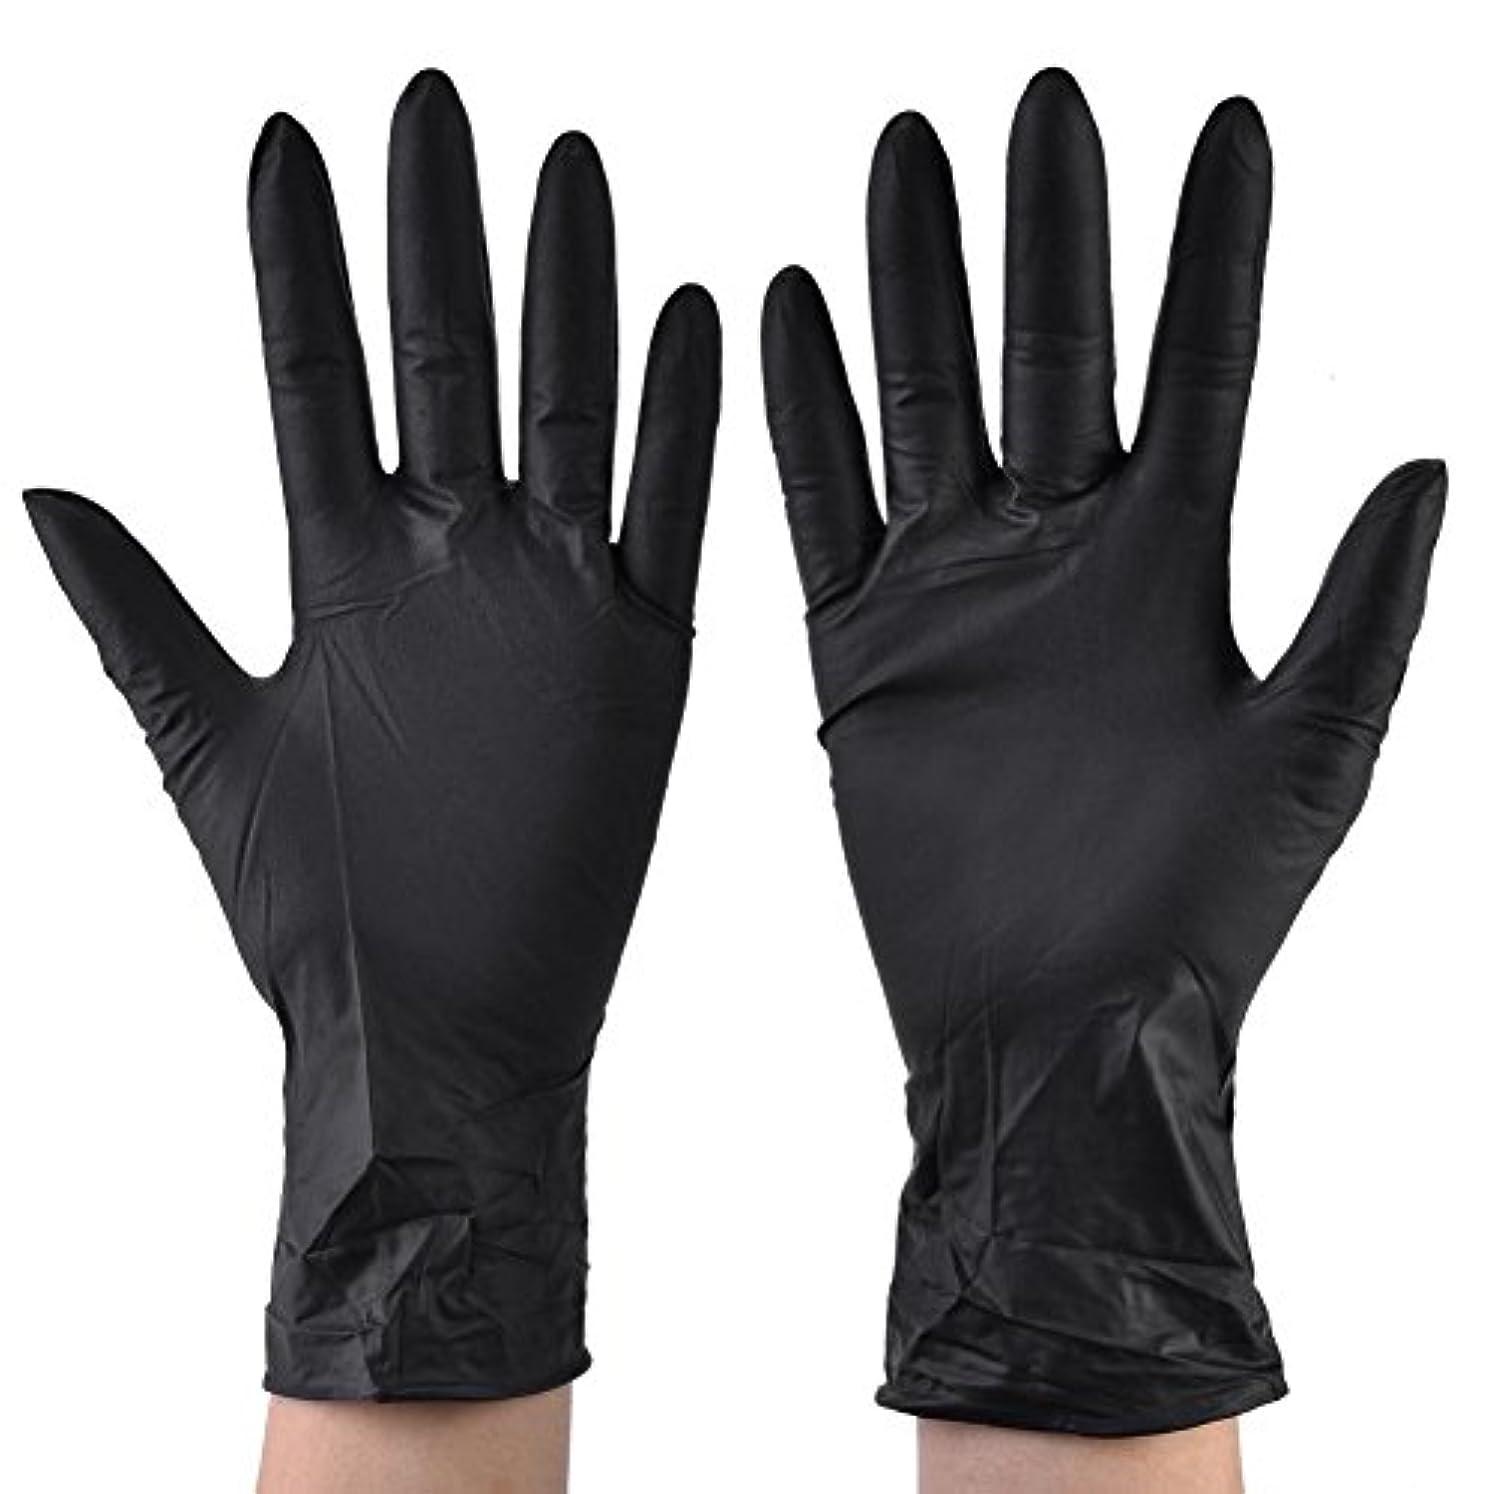 効率分散アダルト100pcs使い捨てニトリル手袋医療グレードラテックスフリーパウダーフリーブラックラージミディアムスモールインダストリアル、医療、美容、健康(M)